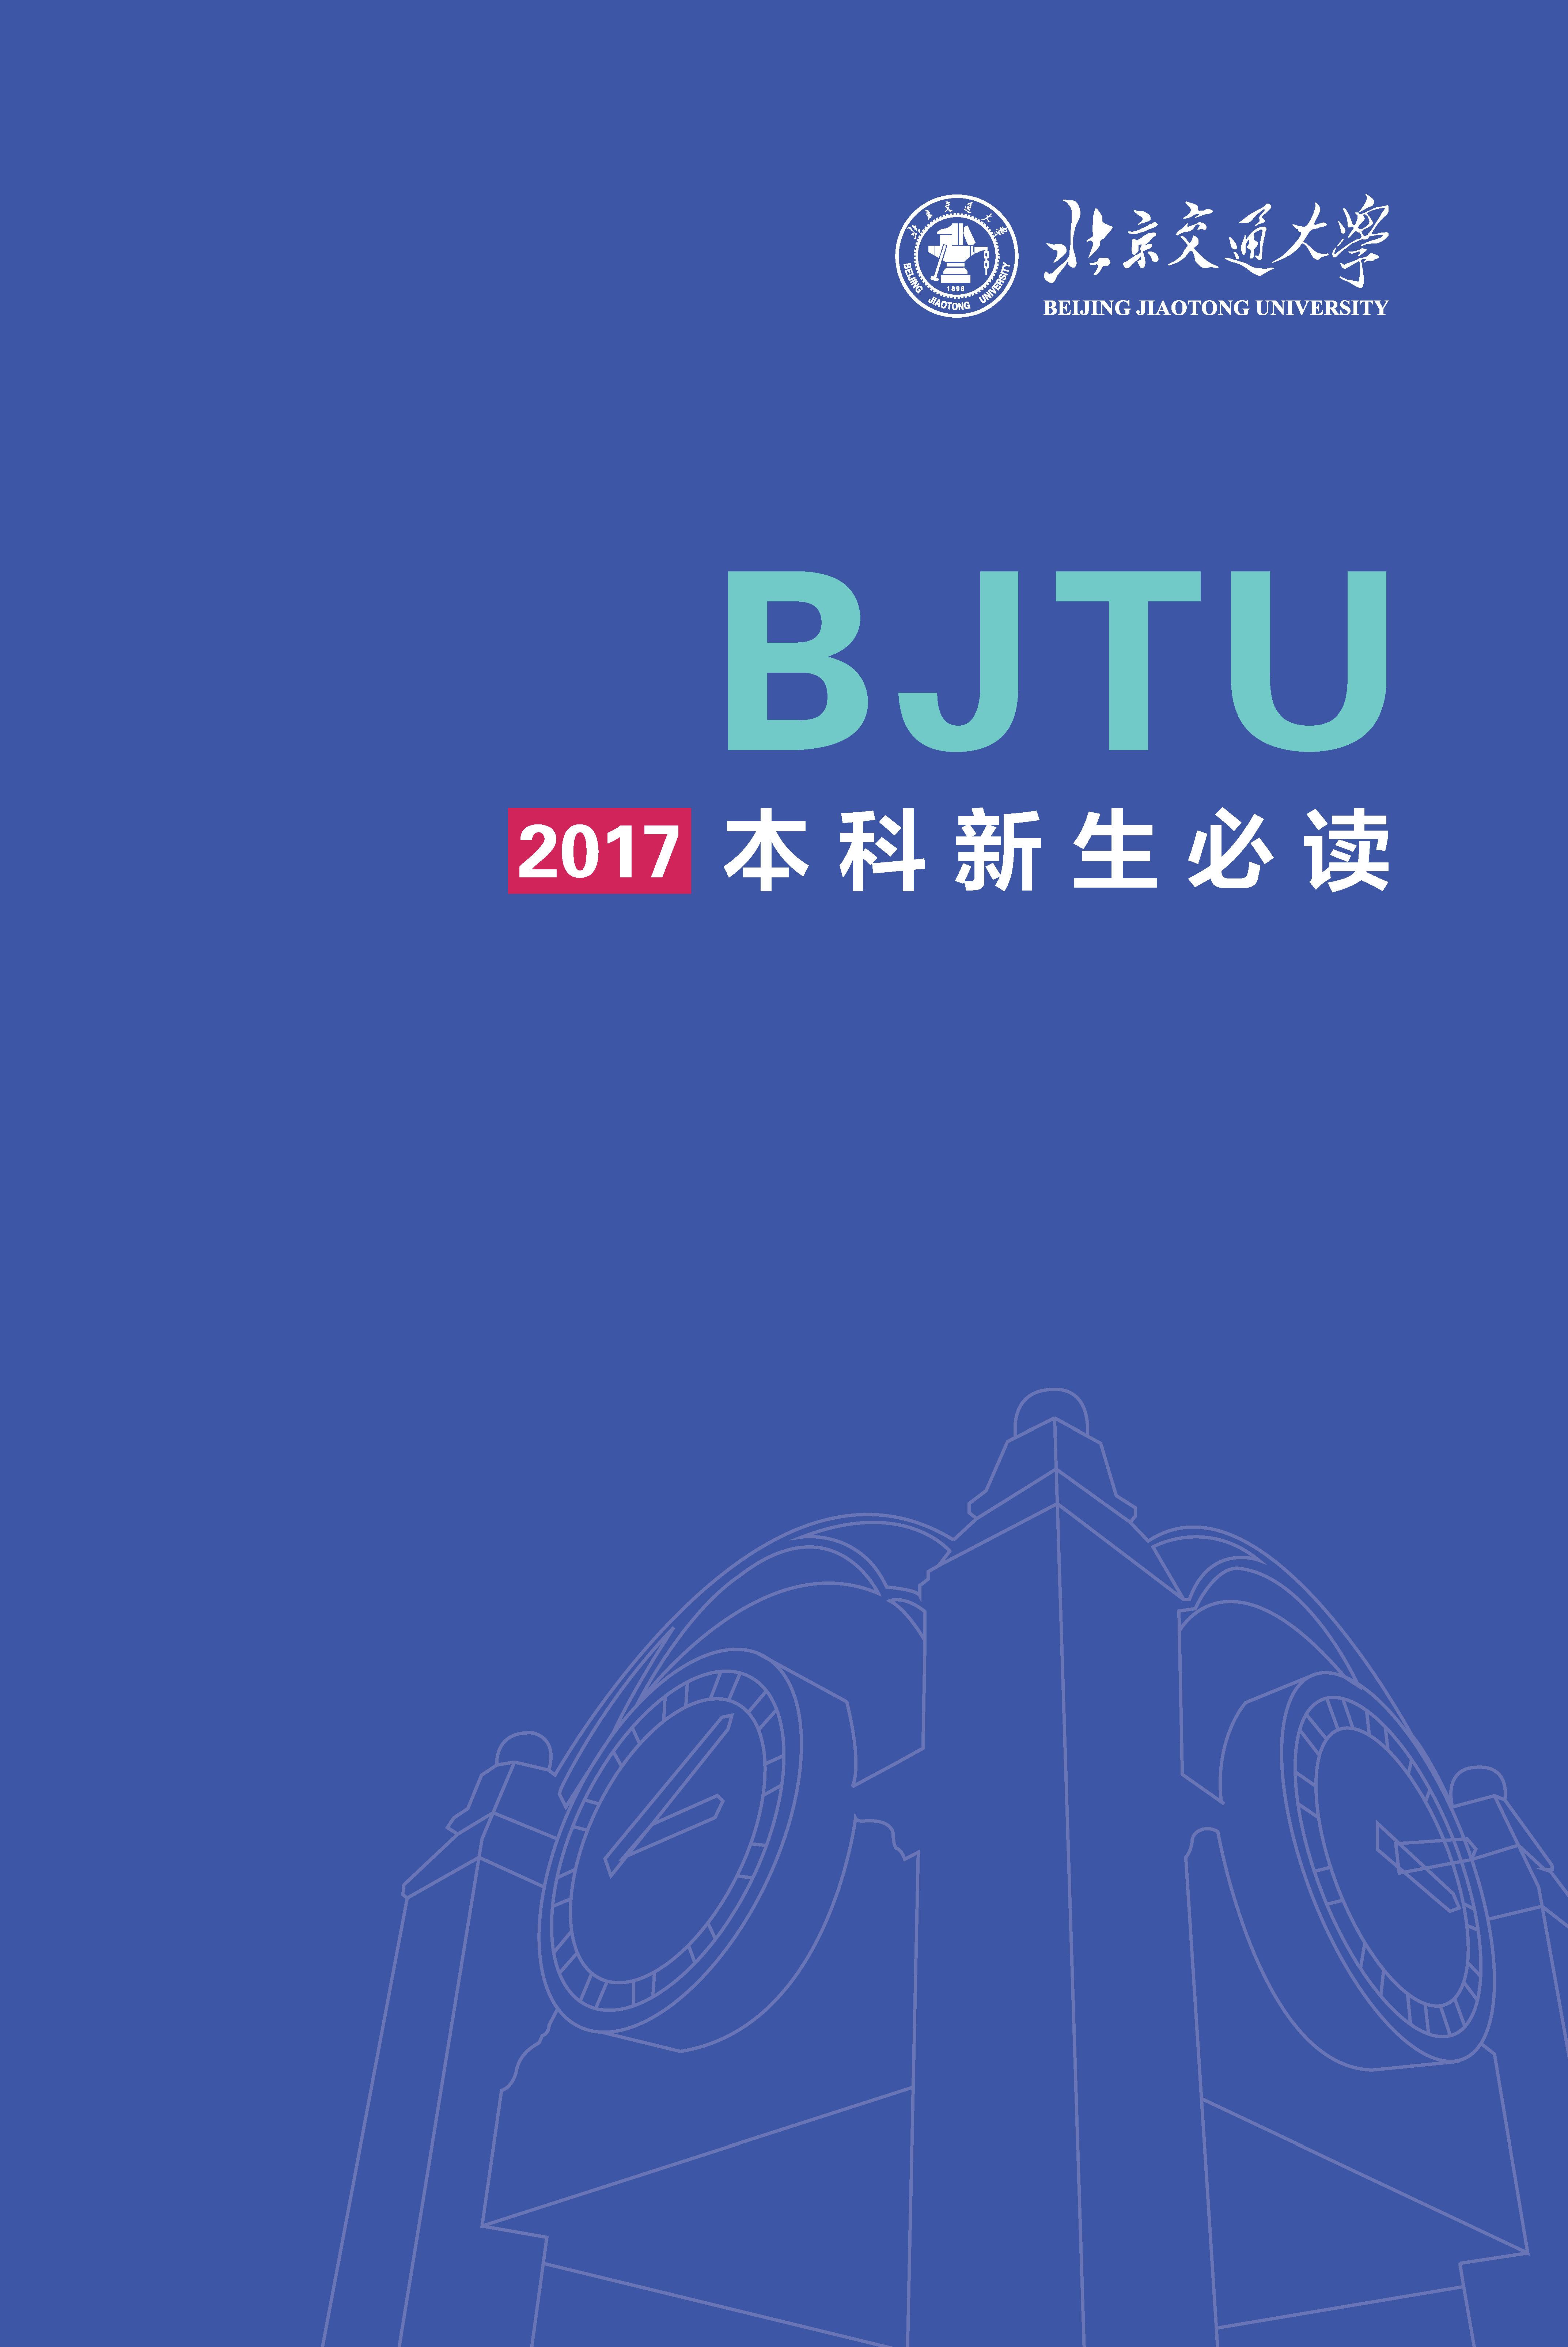 北京交通大学2017年新生必读